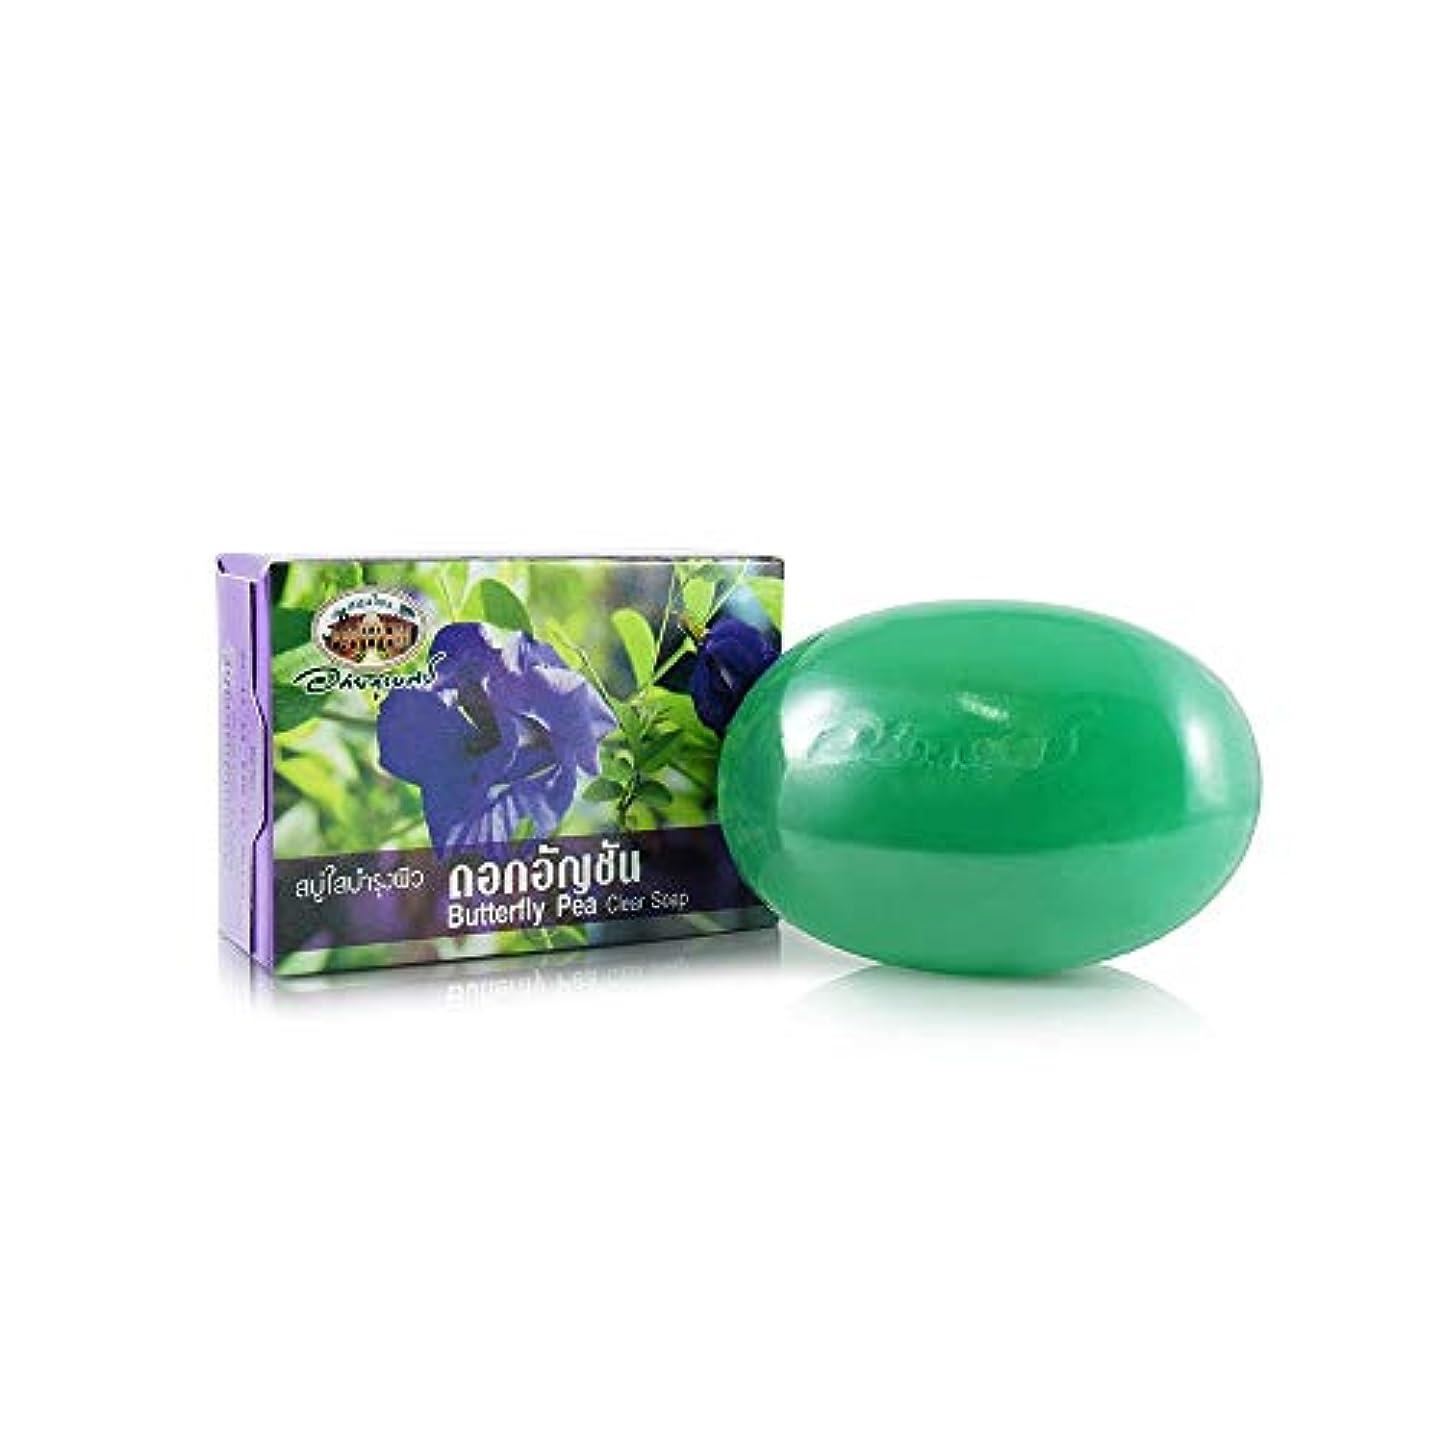 補足悪意手足Abhaibhubejhr Pea Flowers Vitamin E Herbal Body Cleaning Soap 100g. Abhaibhubejhrピー花ビタミンEハーブボディクリーニングソープ100グラム。